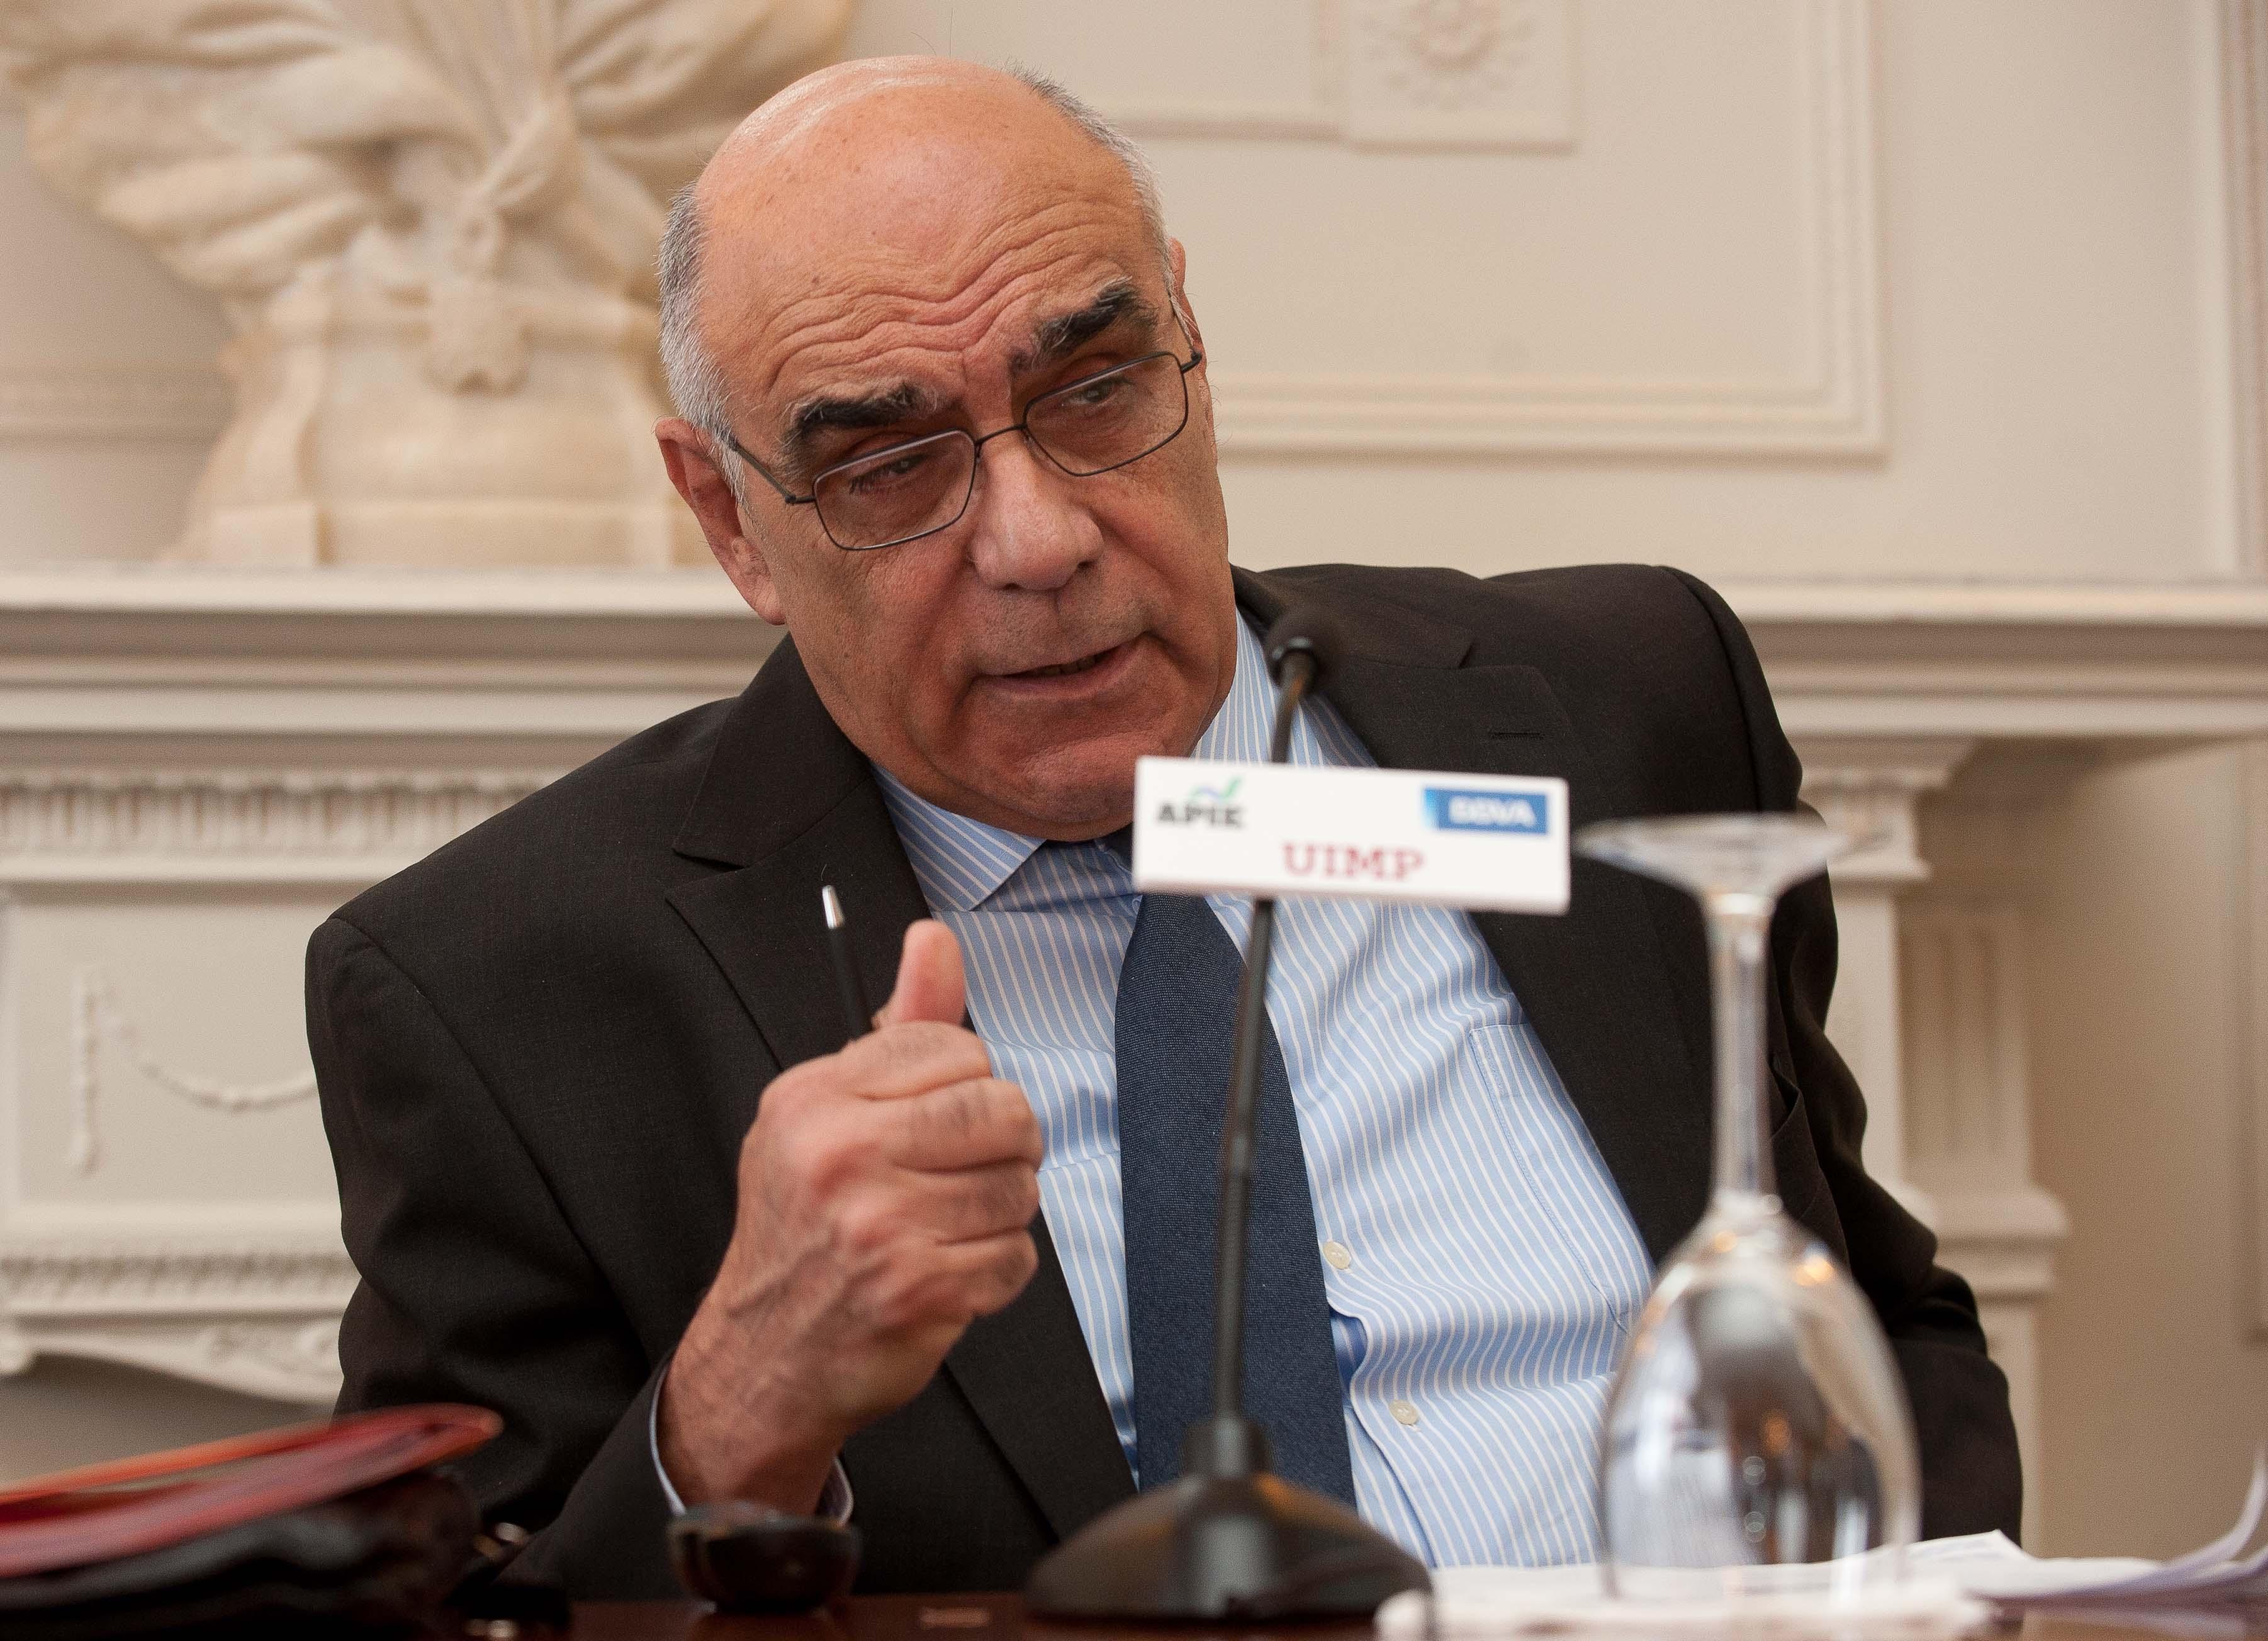 Salvador Alemany, presidente de Abertis, durante su intervención en el curso de verano organizado por la APIE en la Universidad Menéndez Pelayo de Santander.